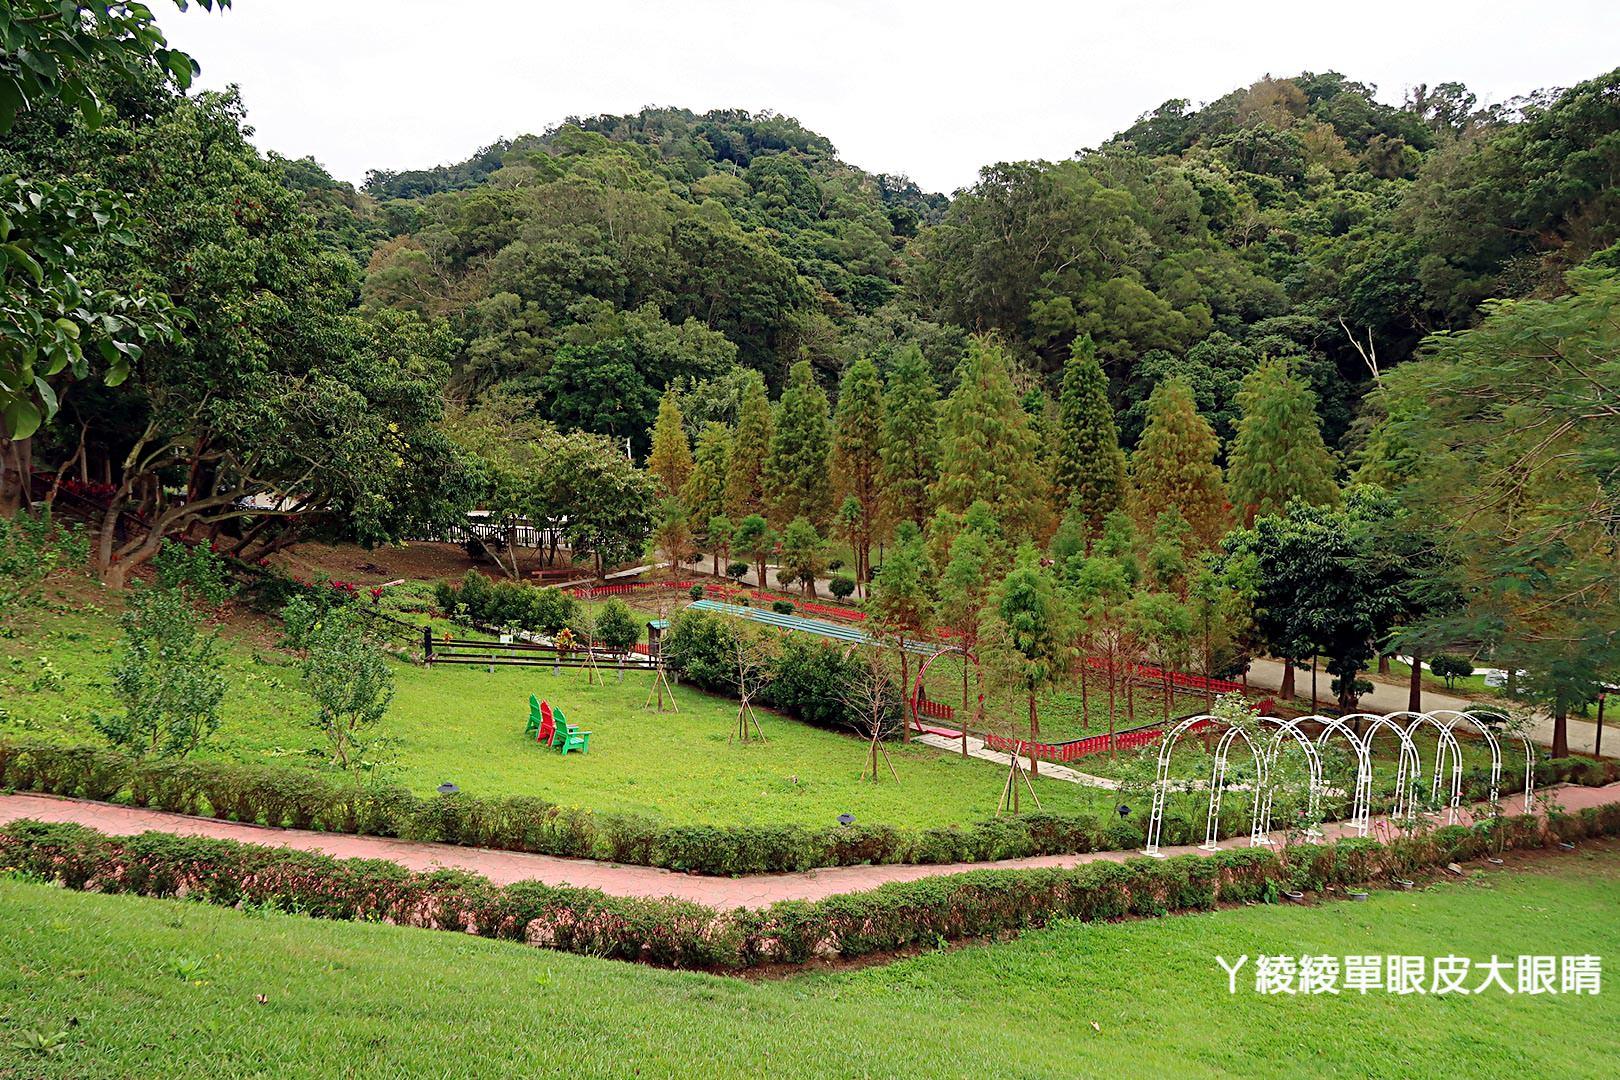 新竹景點推薦!心鮮森林也有落羽松秘境!帶狗狗的主人可免費入園